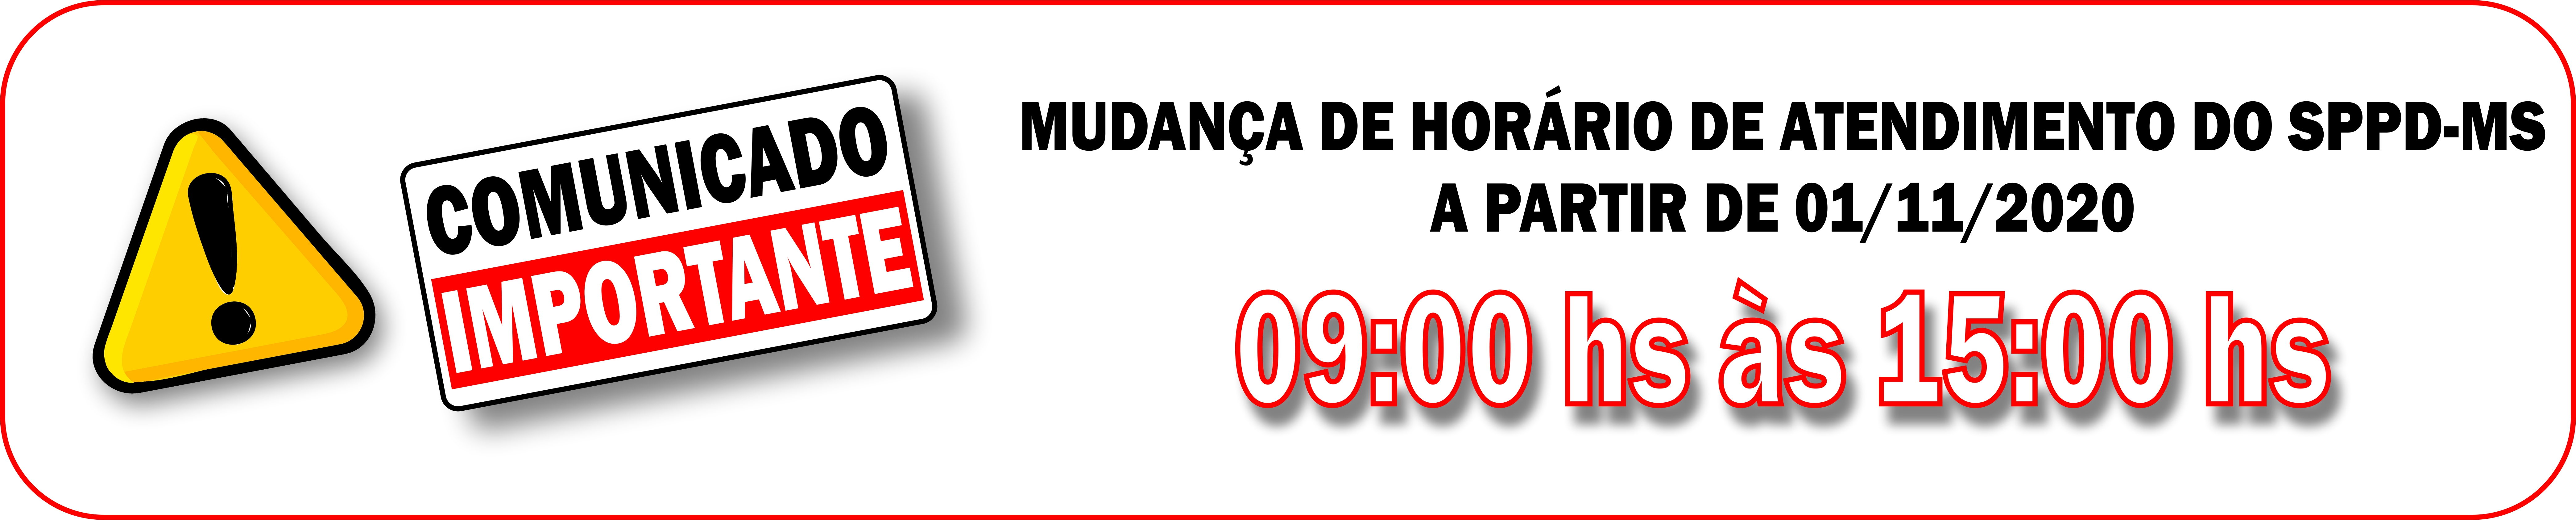 http://sppdms.org.br/wp-content/uploads/2020/10/Banners-mudanca-horario-1.jpg